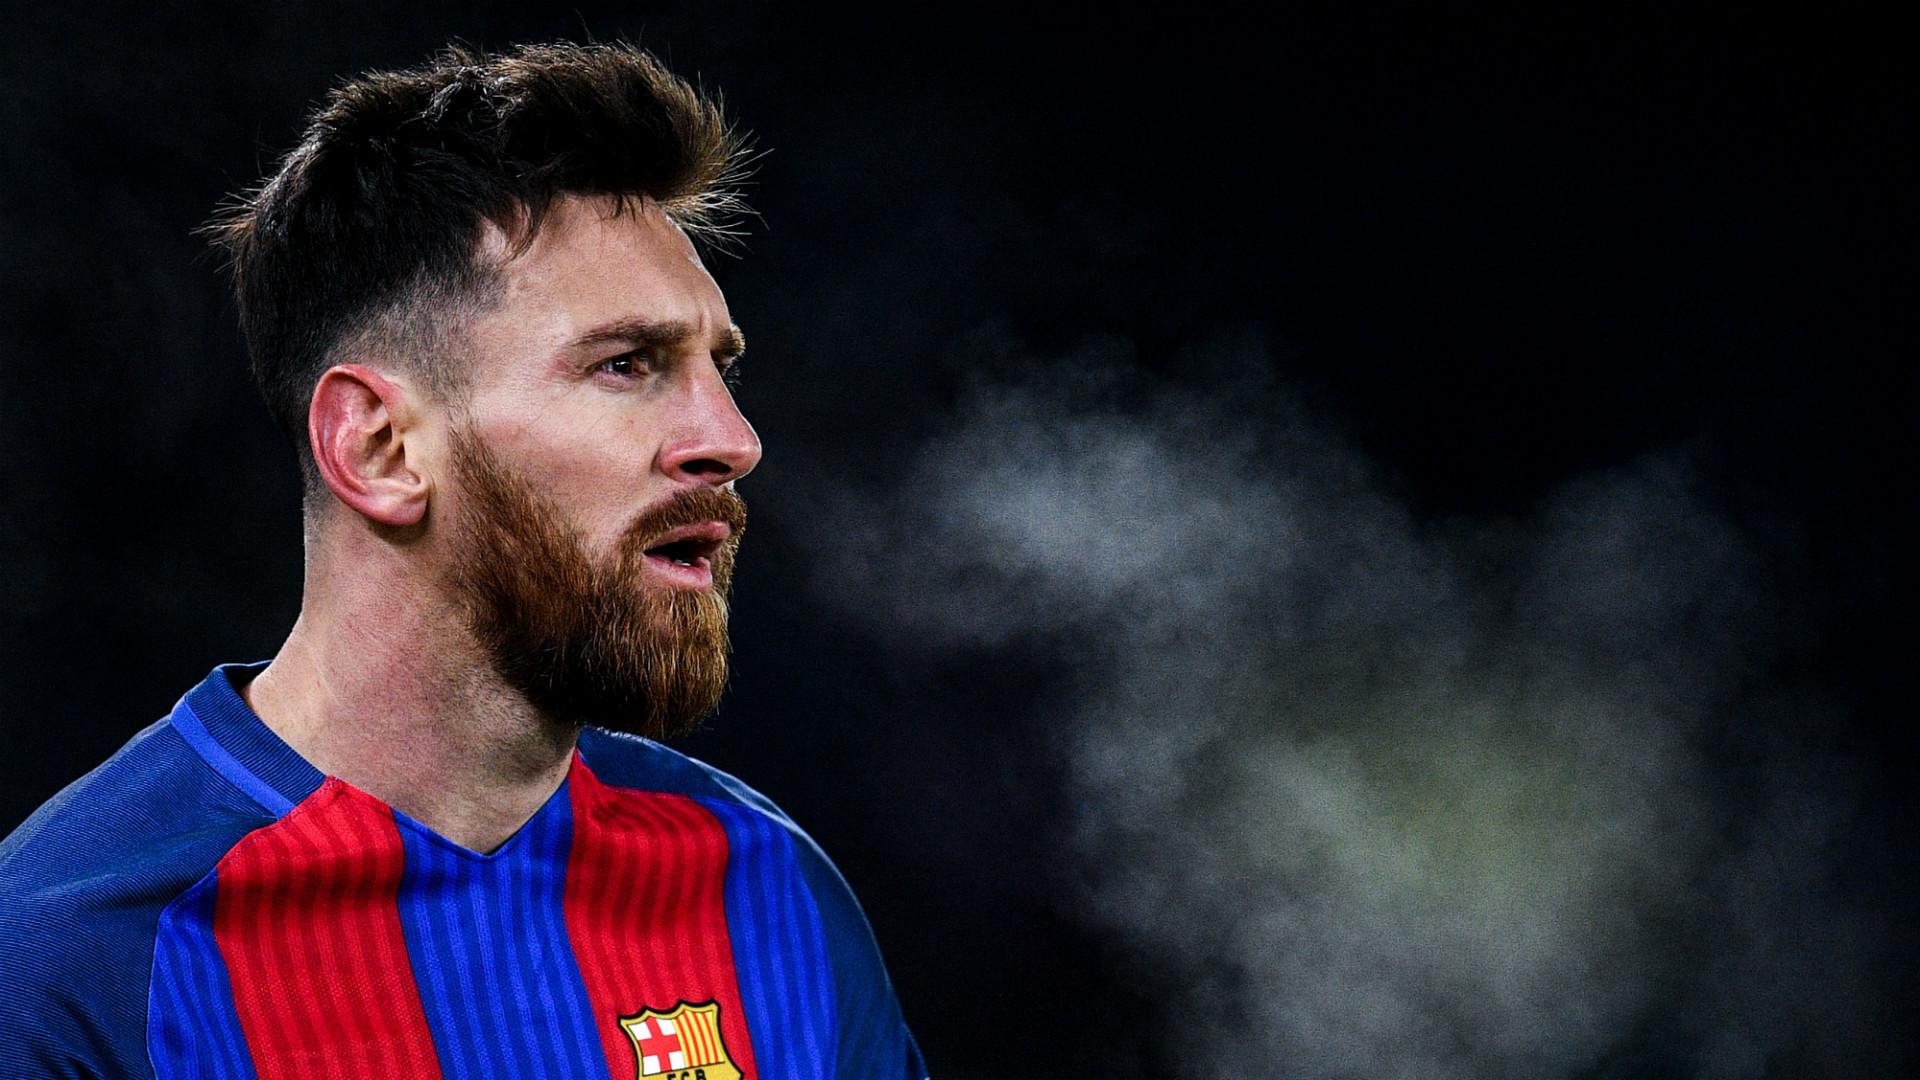 Messi Wallpaper 2018 Hd Wallpapertag